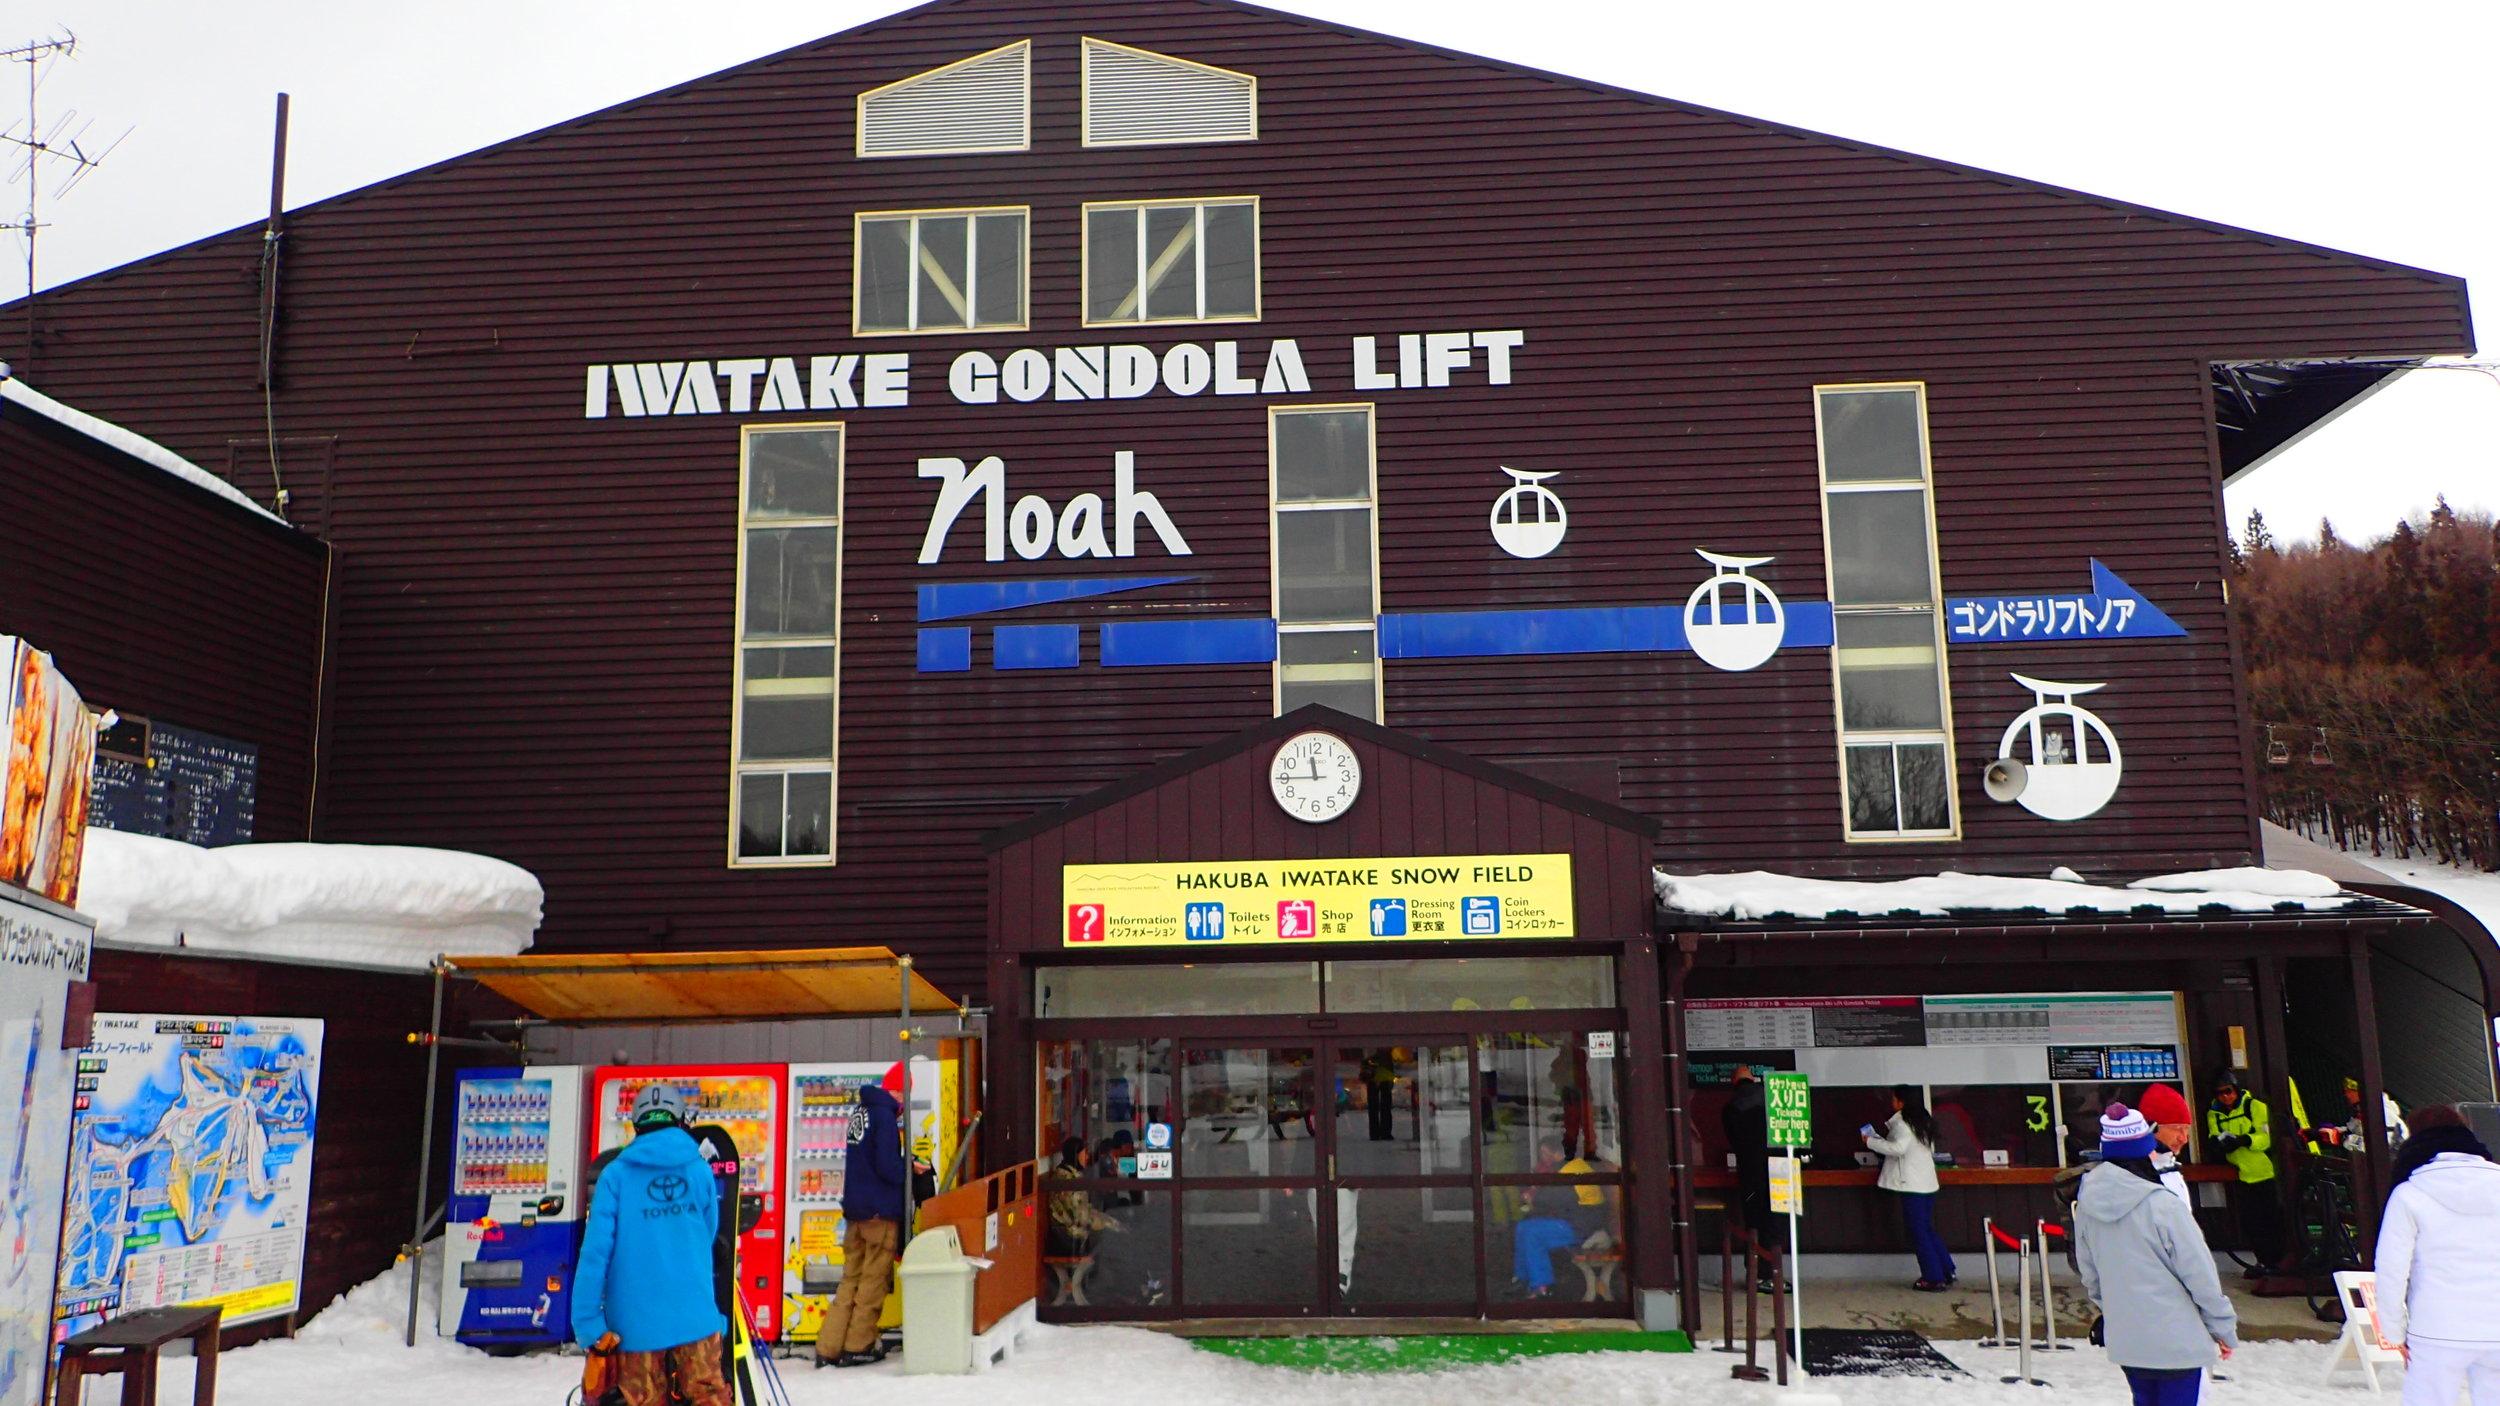 Iwatake Base Gondola